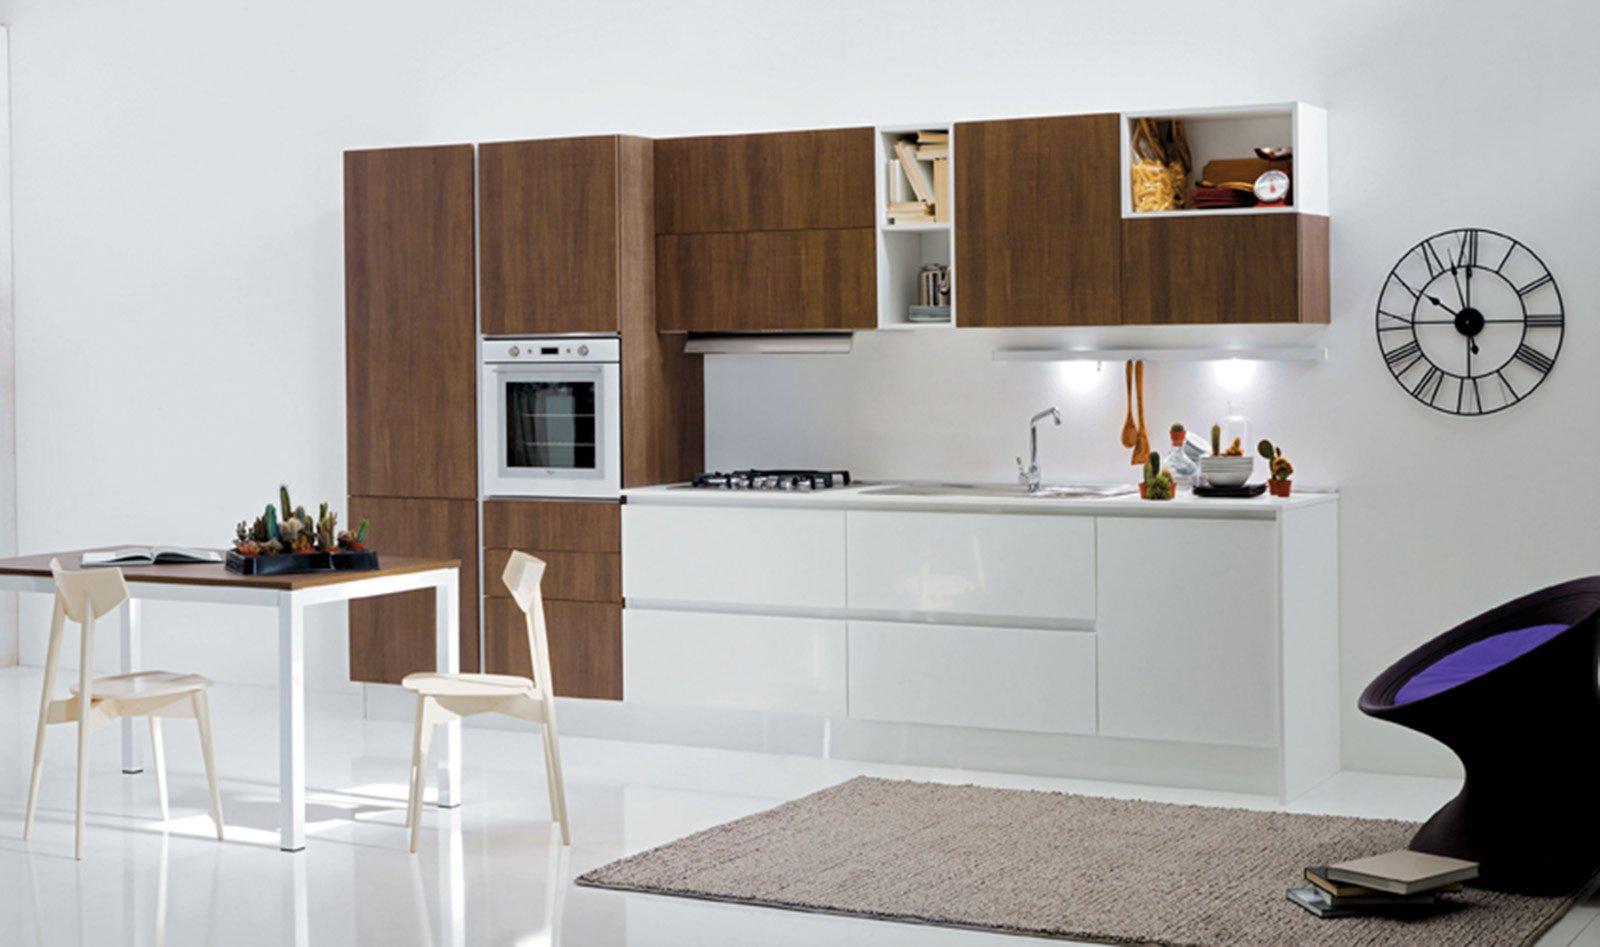 Cucine in laminato cose di casa - Cucine sospese da terra ...